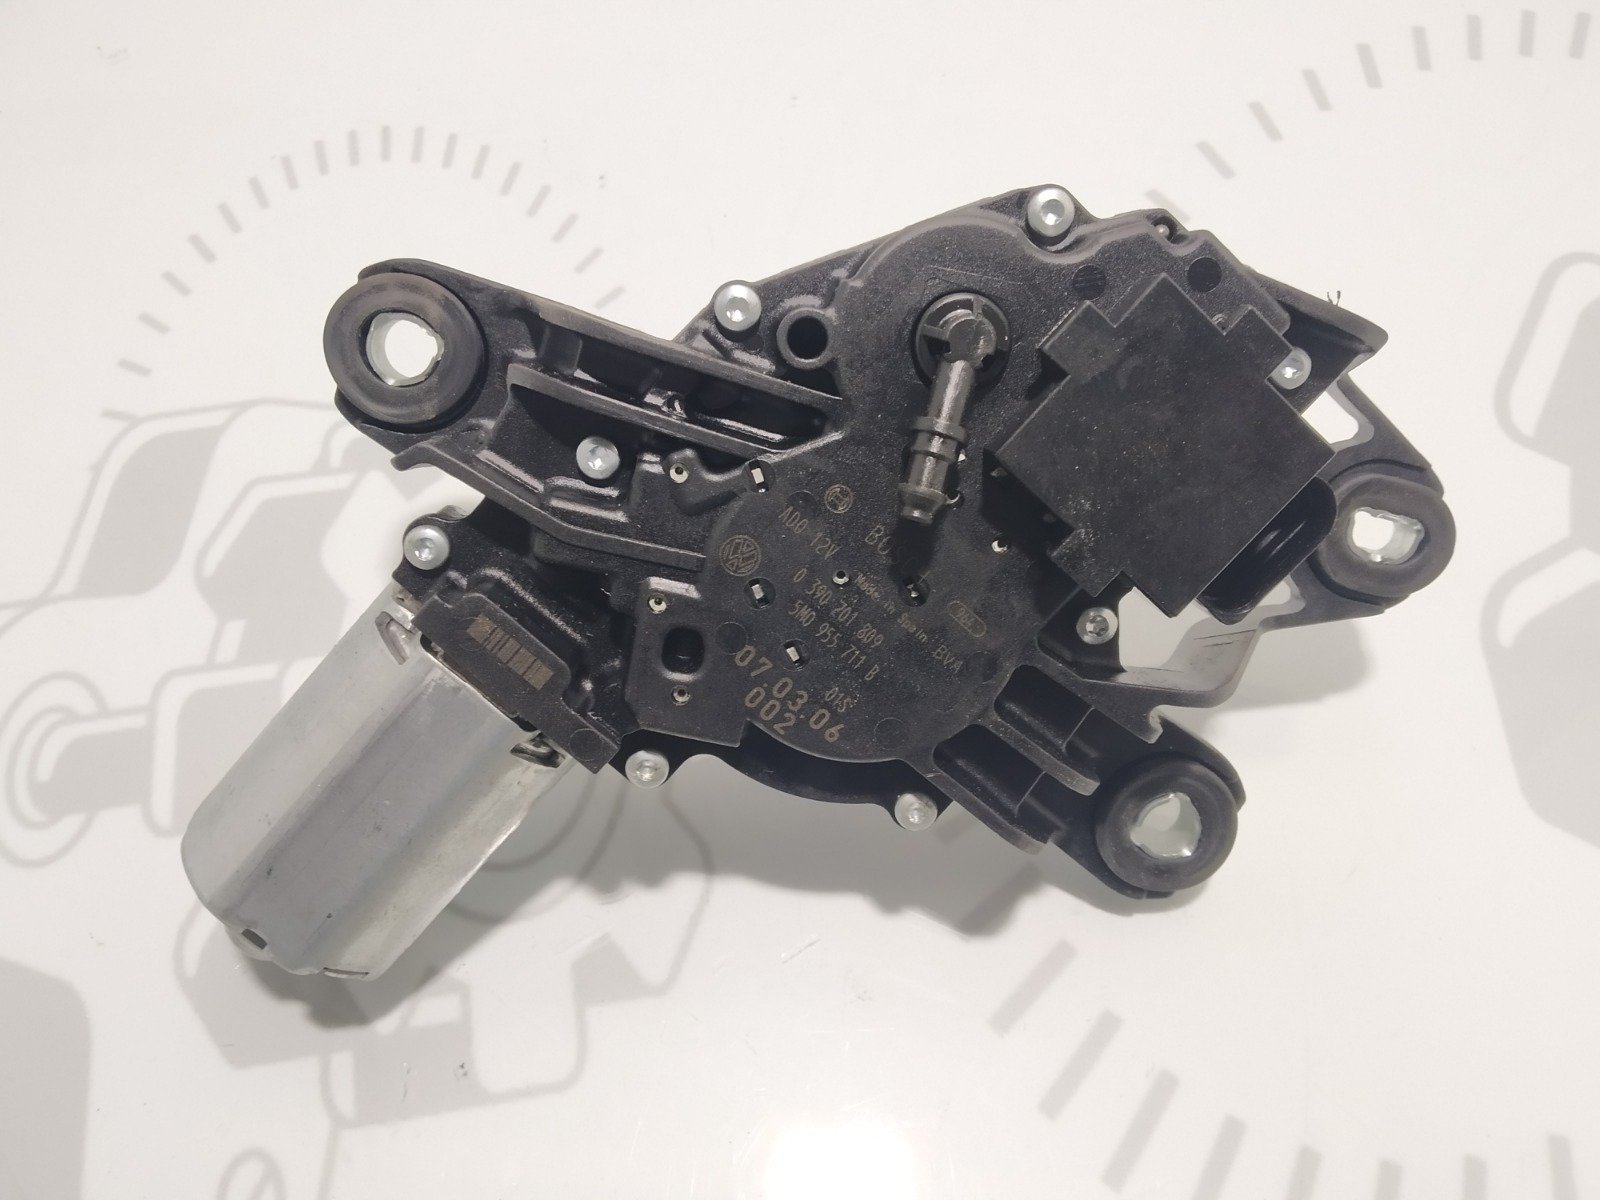 Моторчик заднего стеклоочистителя (дворника) Volkswagen Golf Plus 1.9 TDI 2007 (б/у)